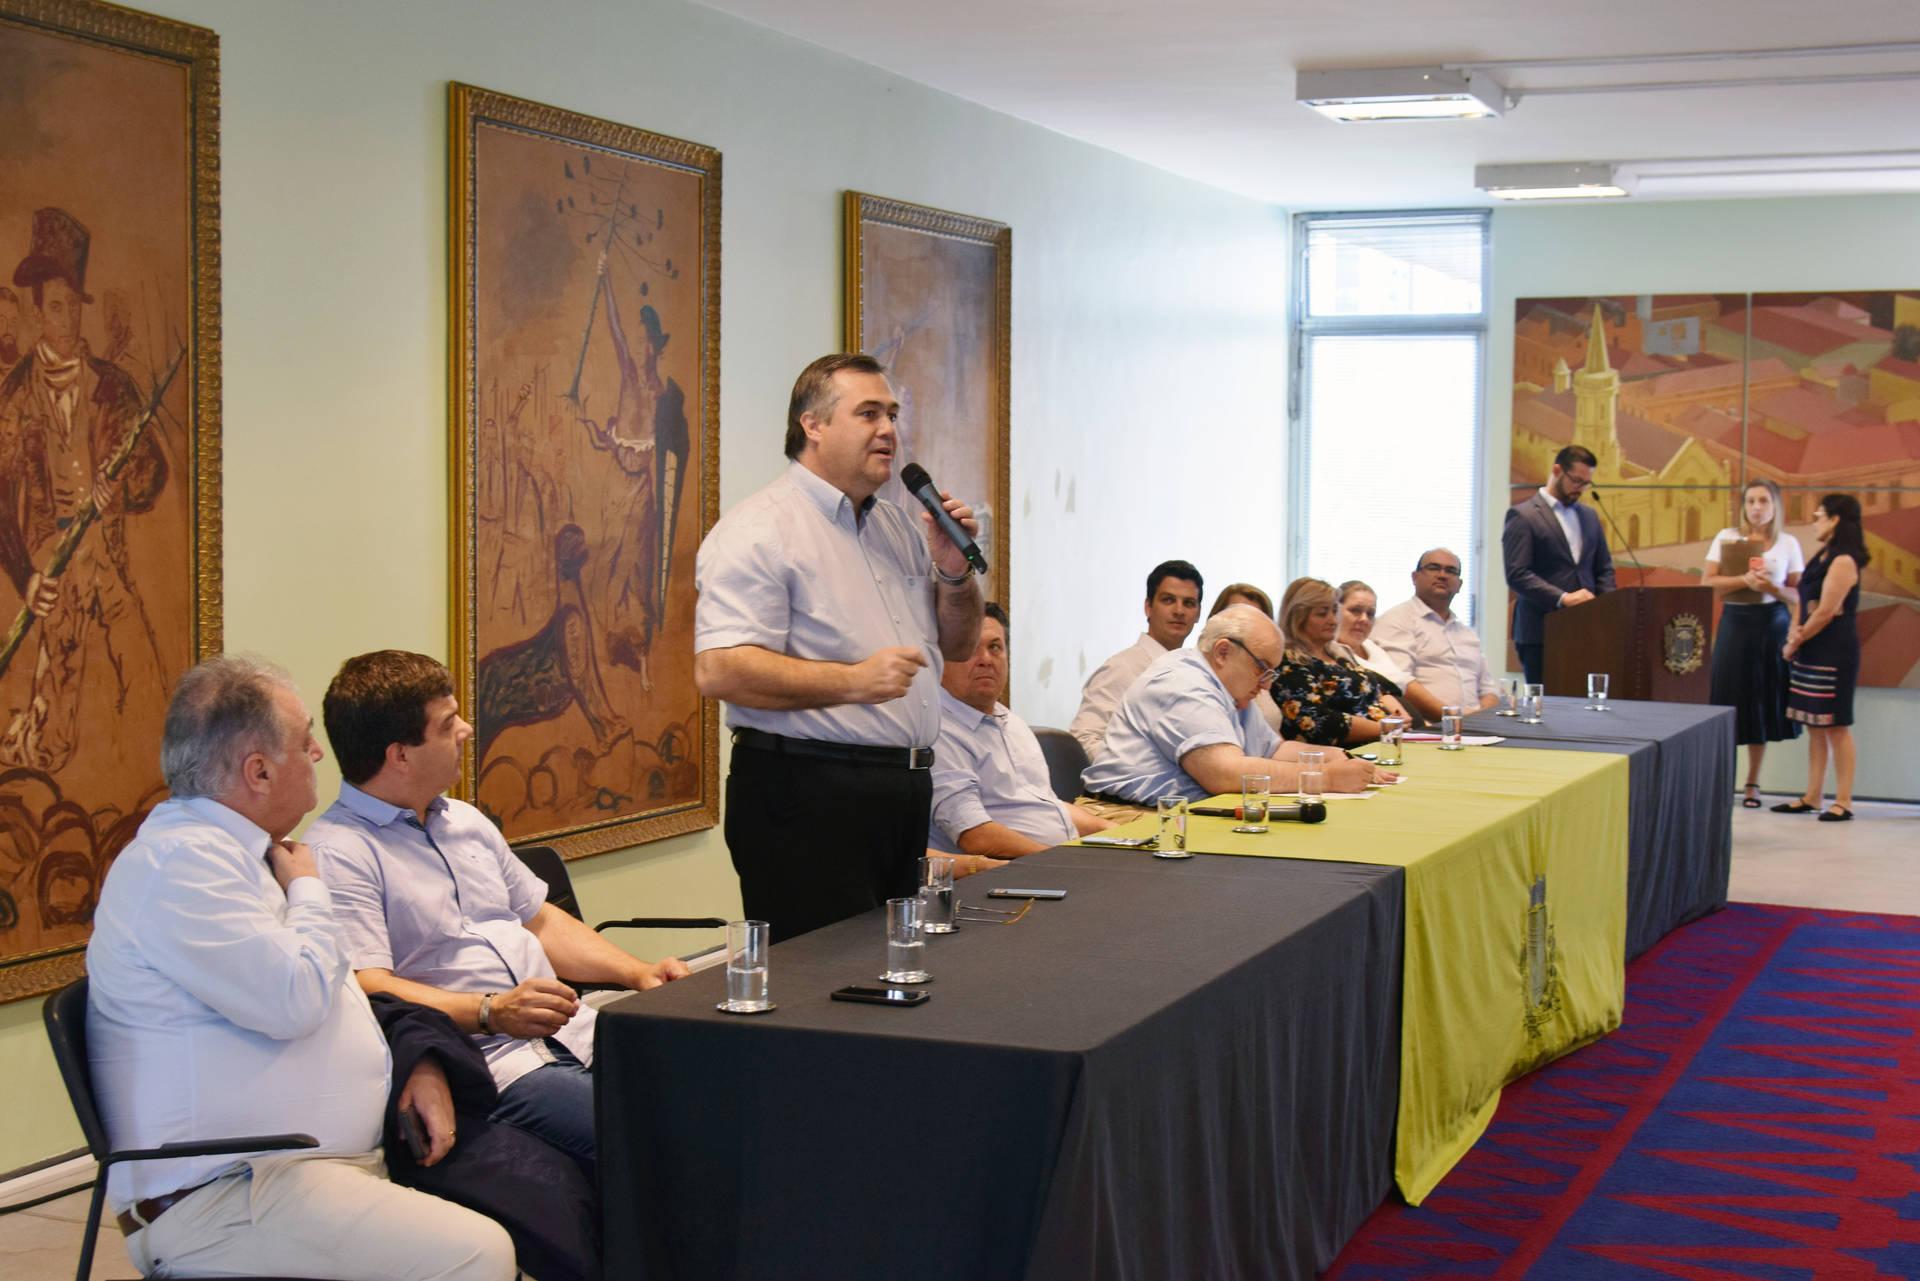 Ação será liderada pelo Consórcio Intermunicipal para Gestão dos Resíduos Sólidos Urbanos (Conresol)